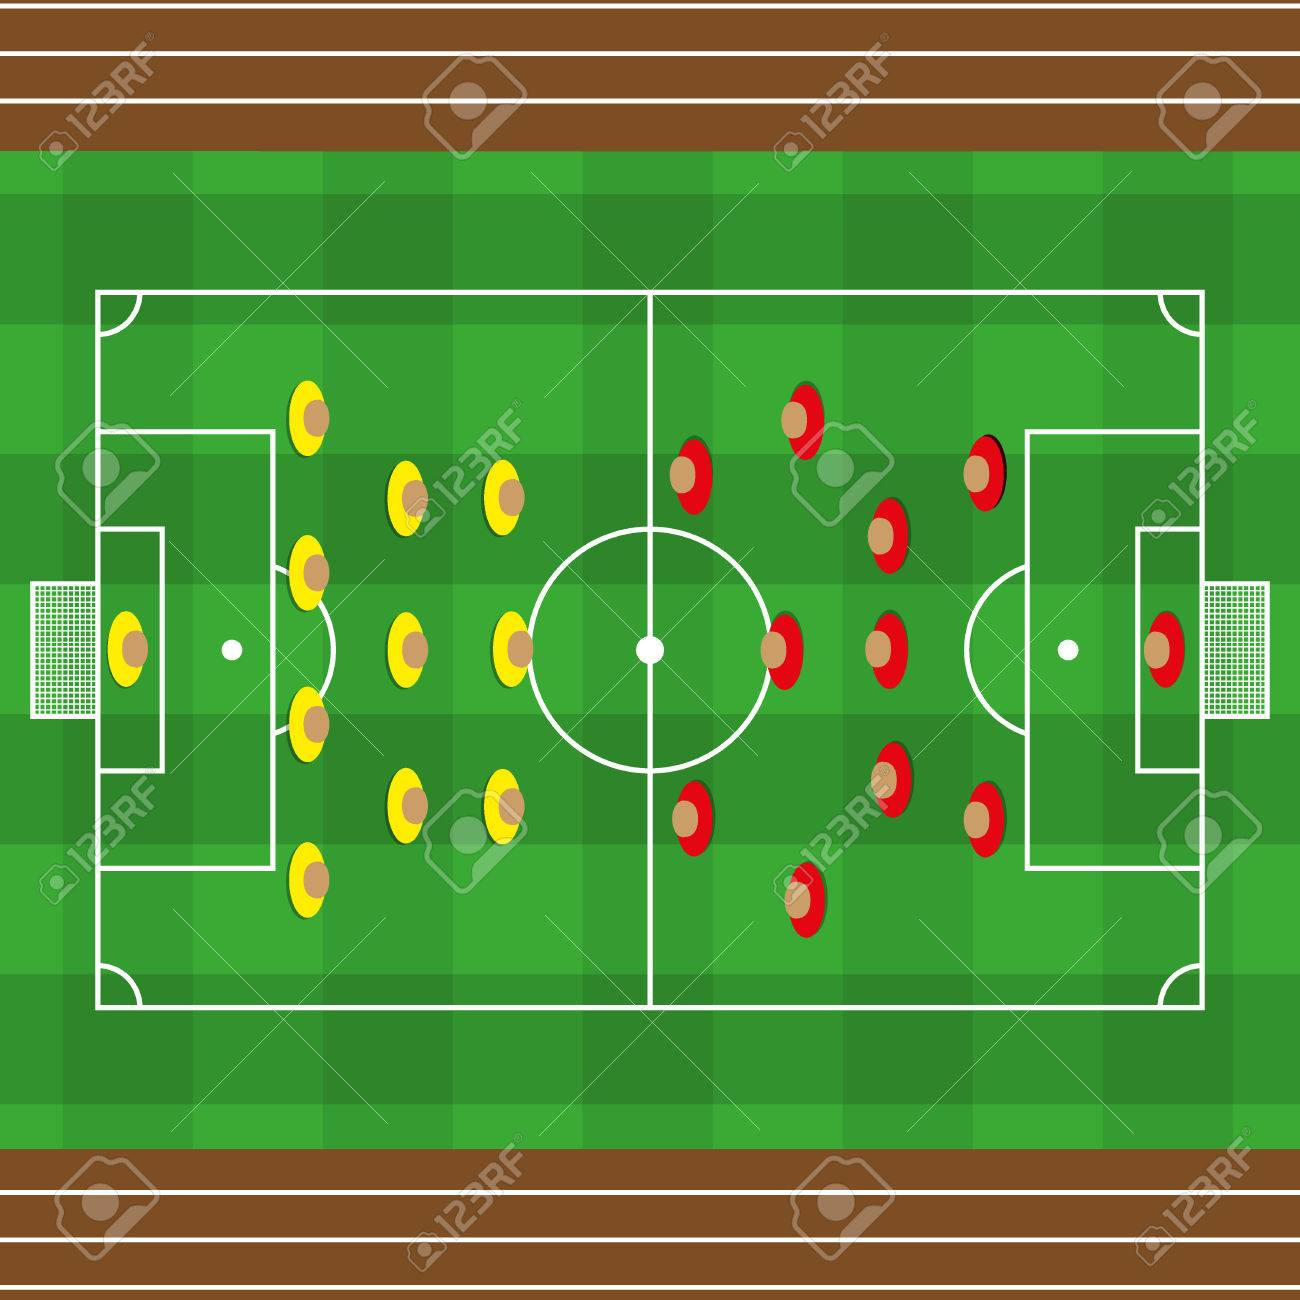 Vektor Gras American Football Feld Strukturiert Fussball